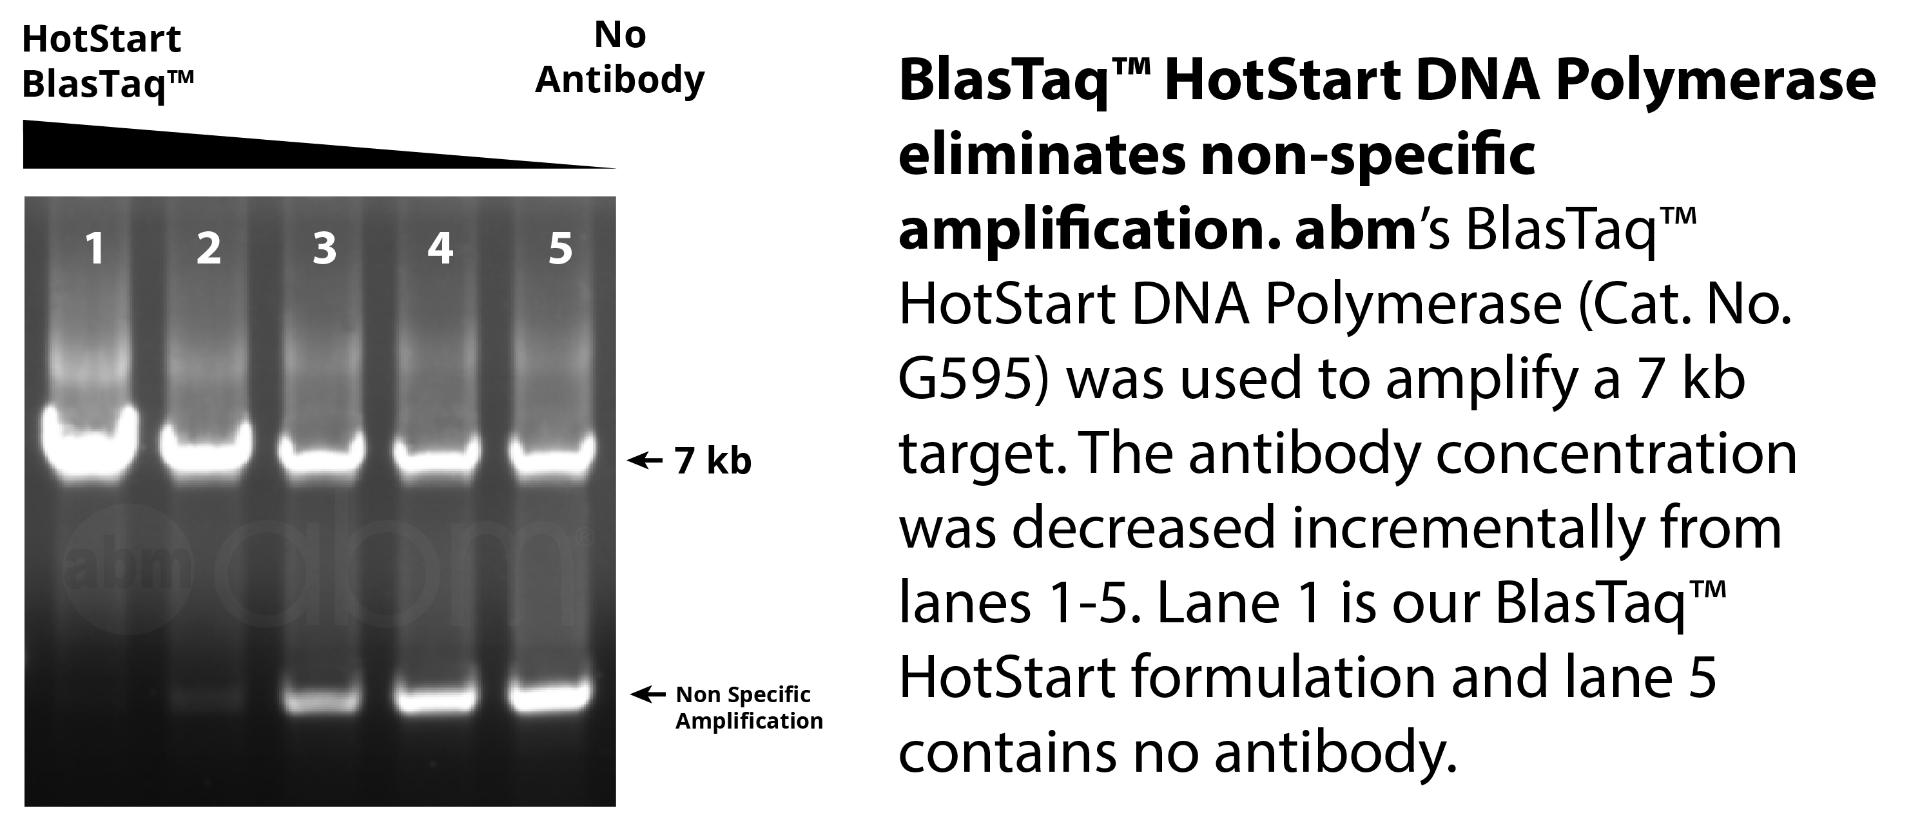 G595 Blastaq Hotstart Dna Polymerase Data1 1 2